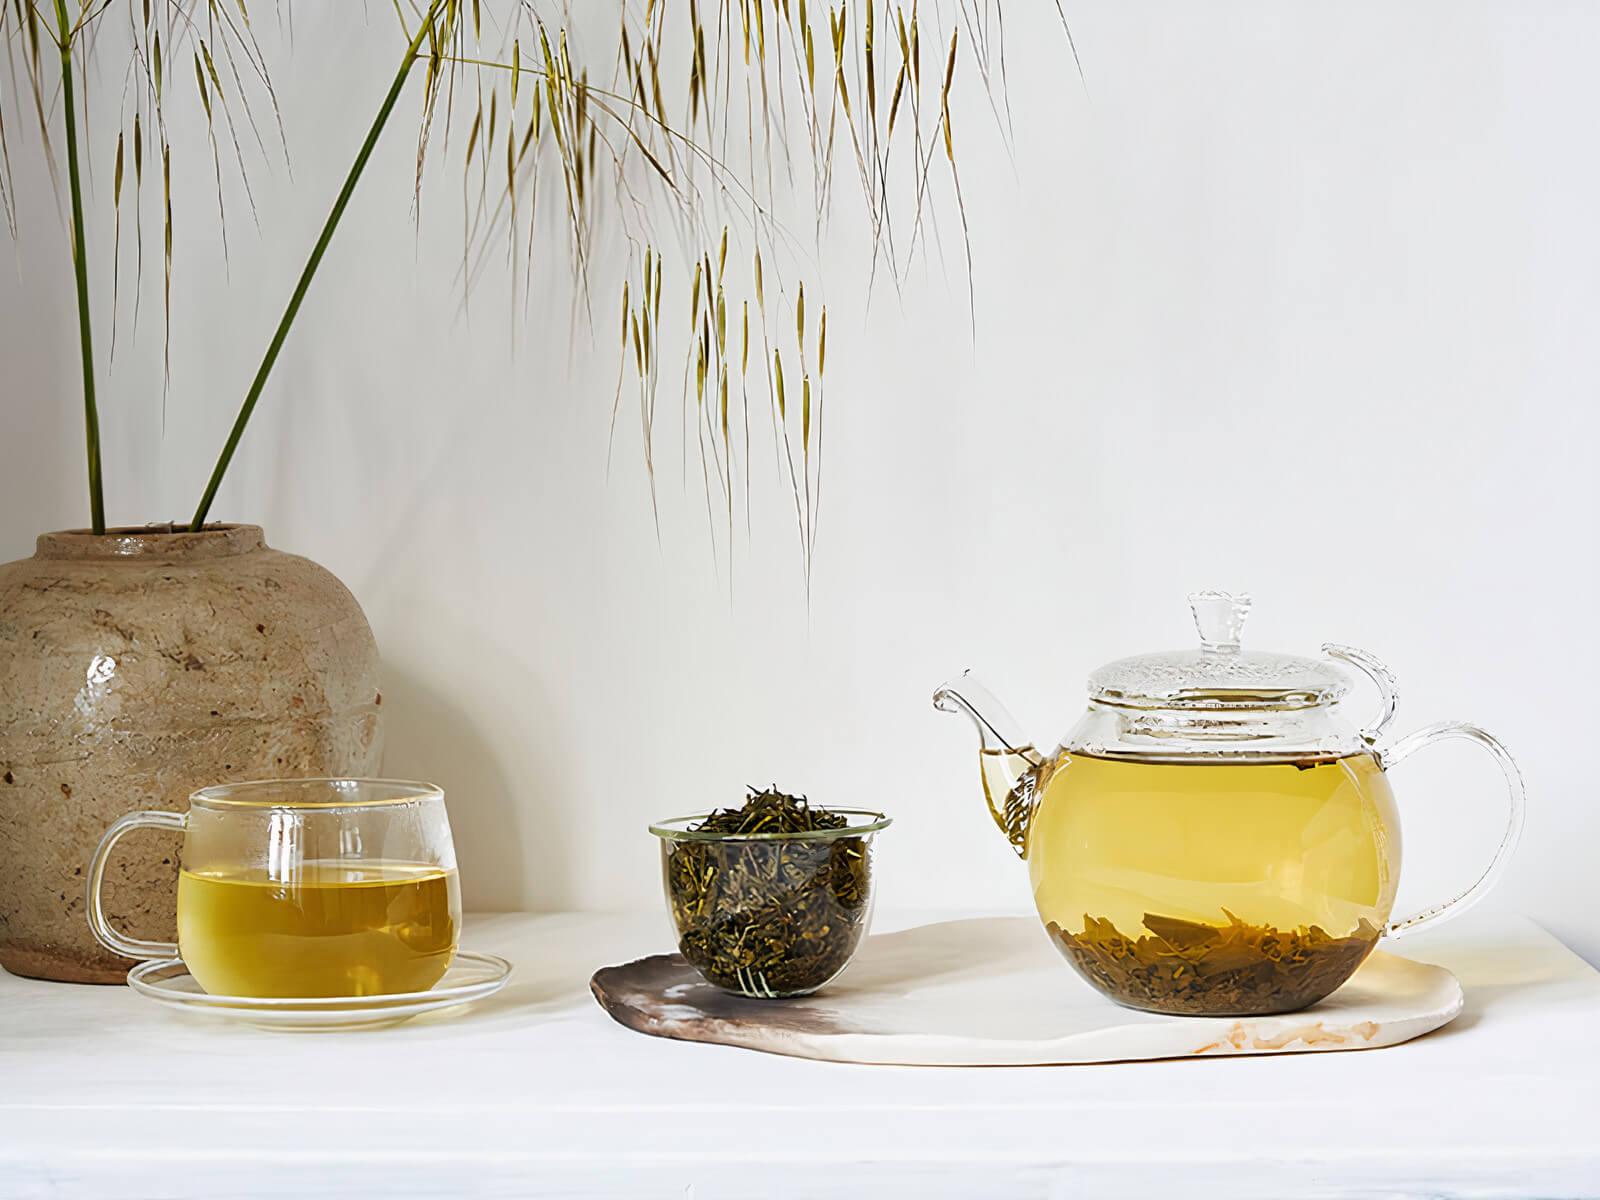 Kvalitets te på ett bord.